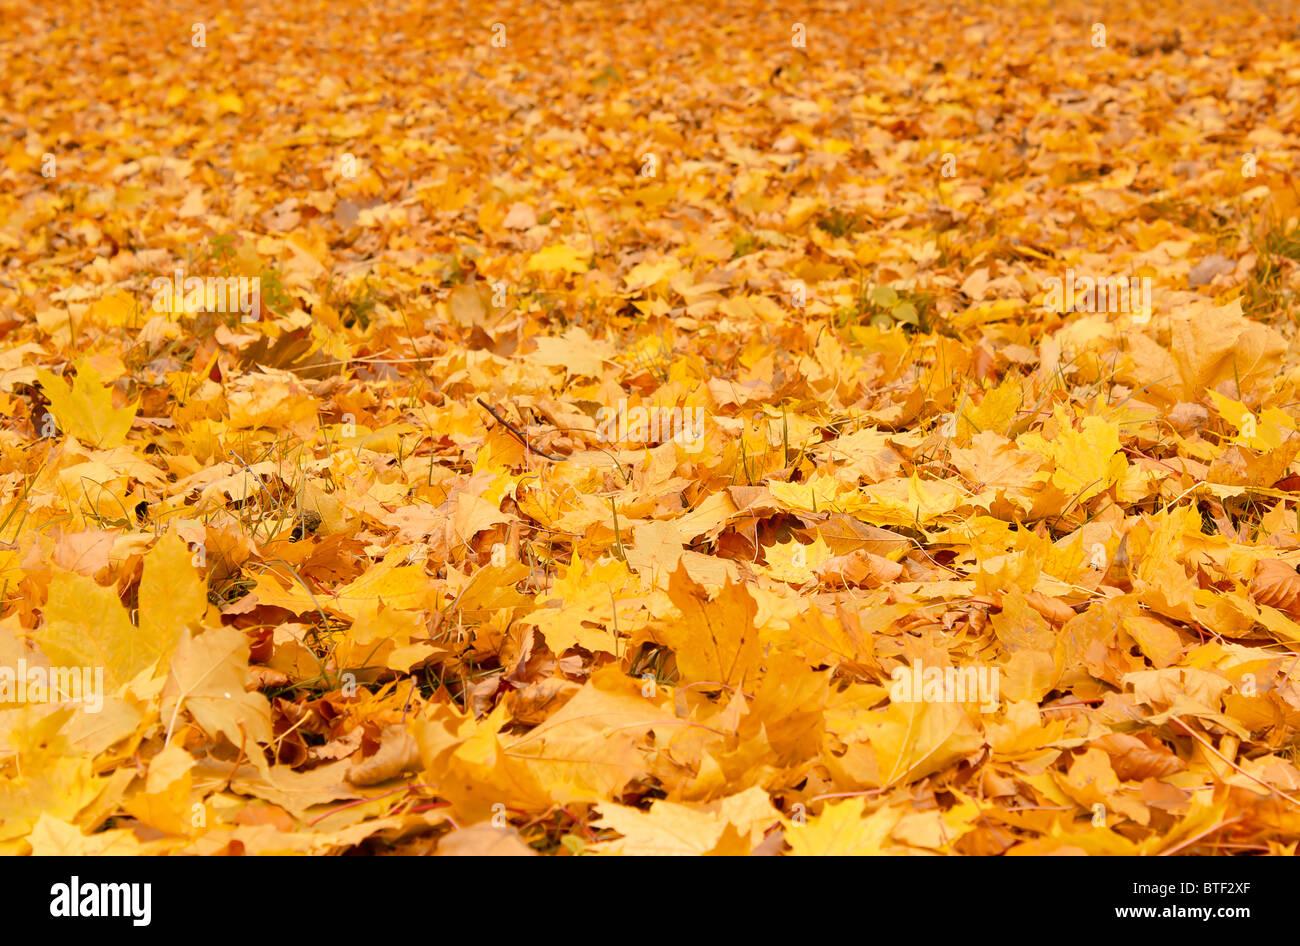 Caen las hojas en otoño de color naranja en el suelo Imagen De Stock